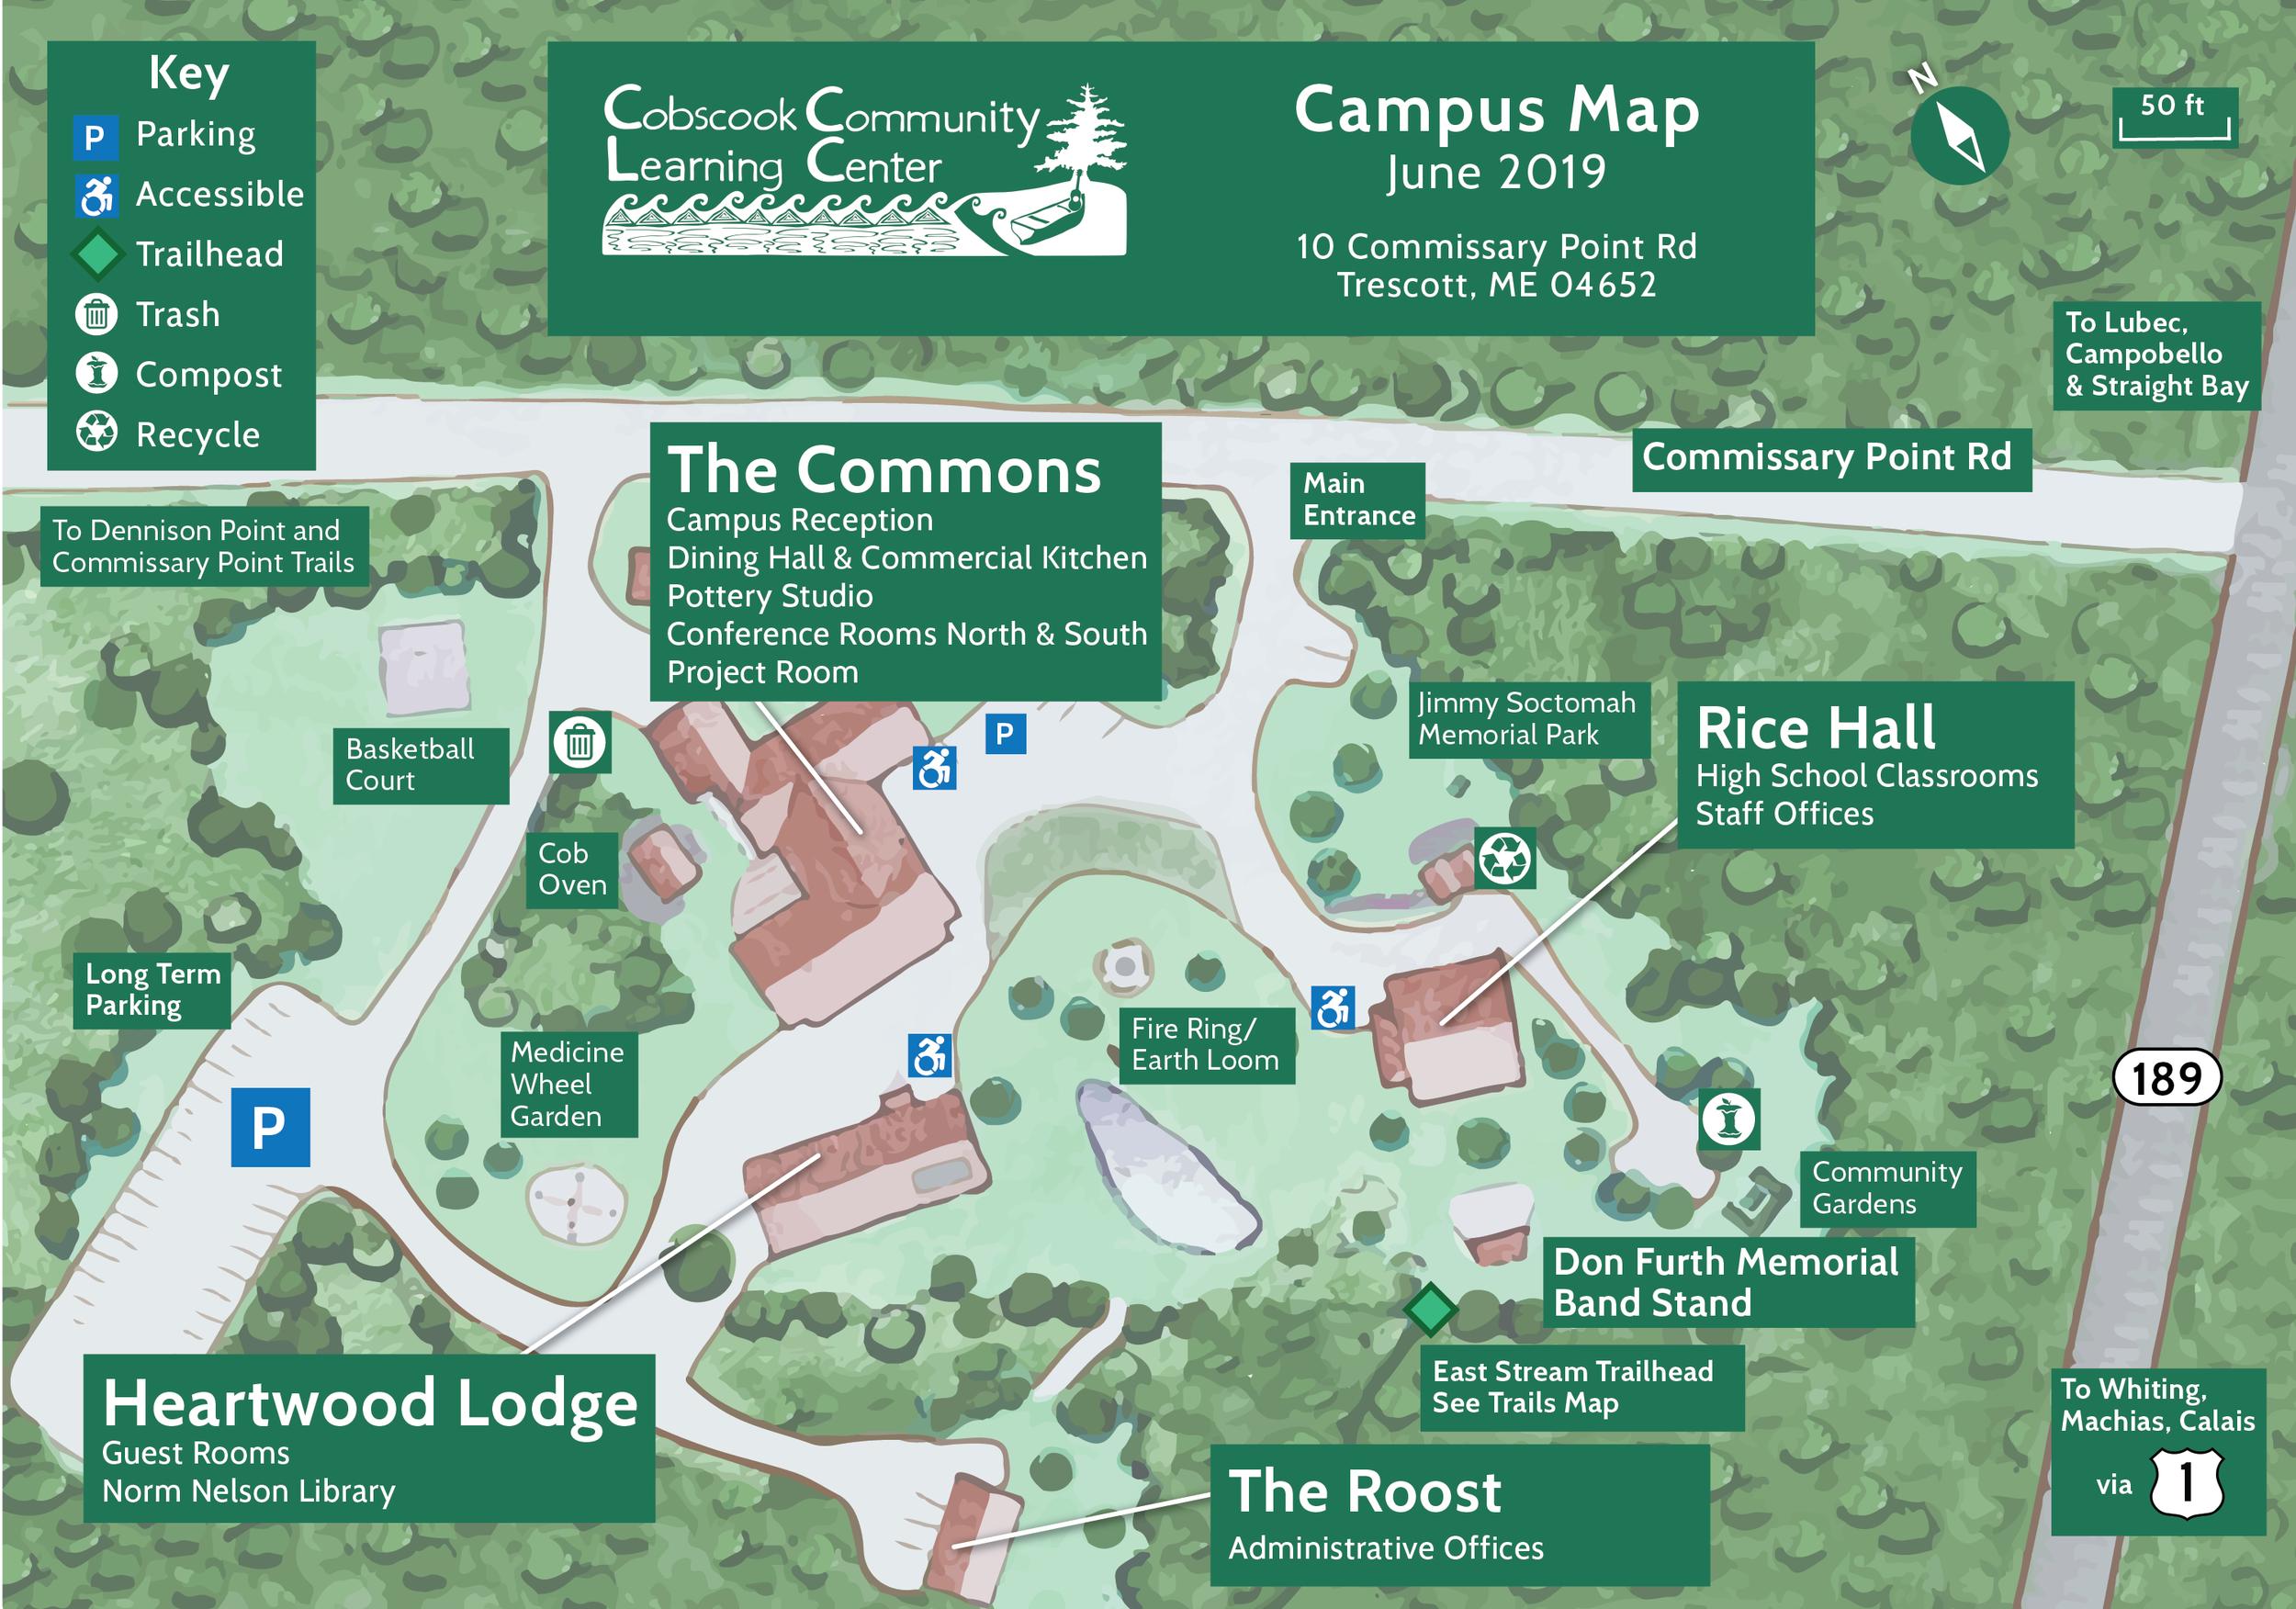 CCLC Campus Map 6-2019.png